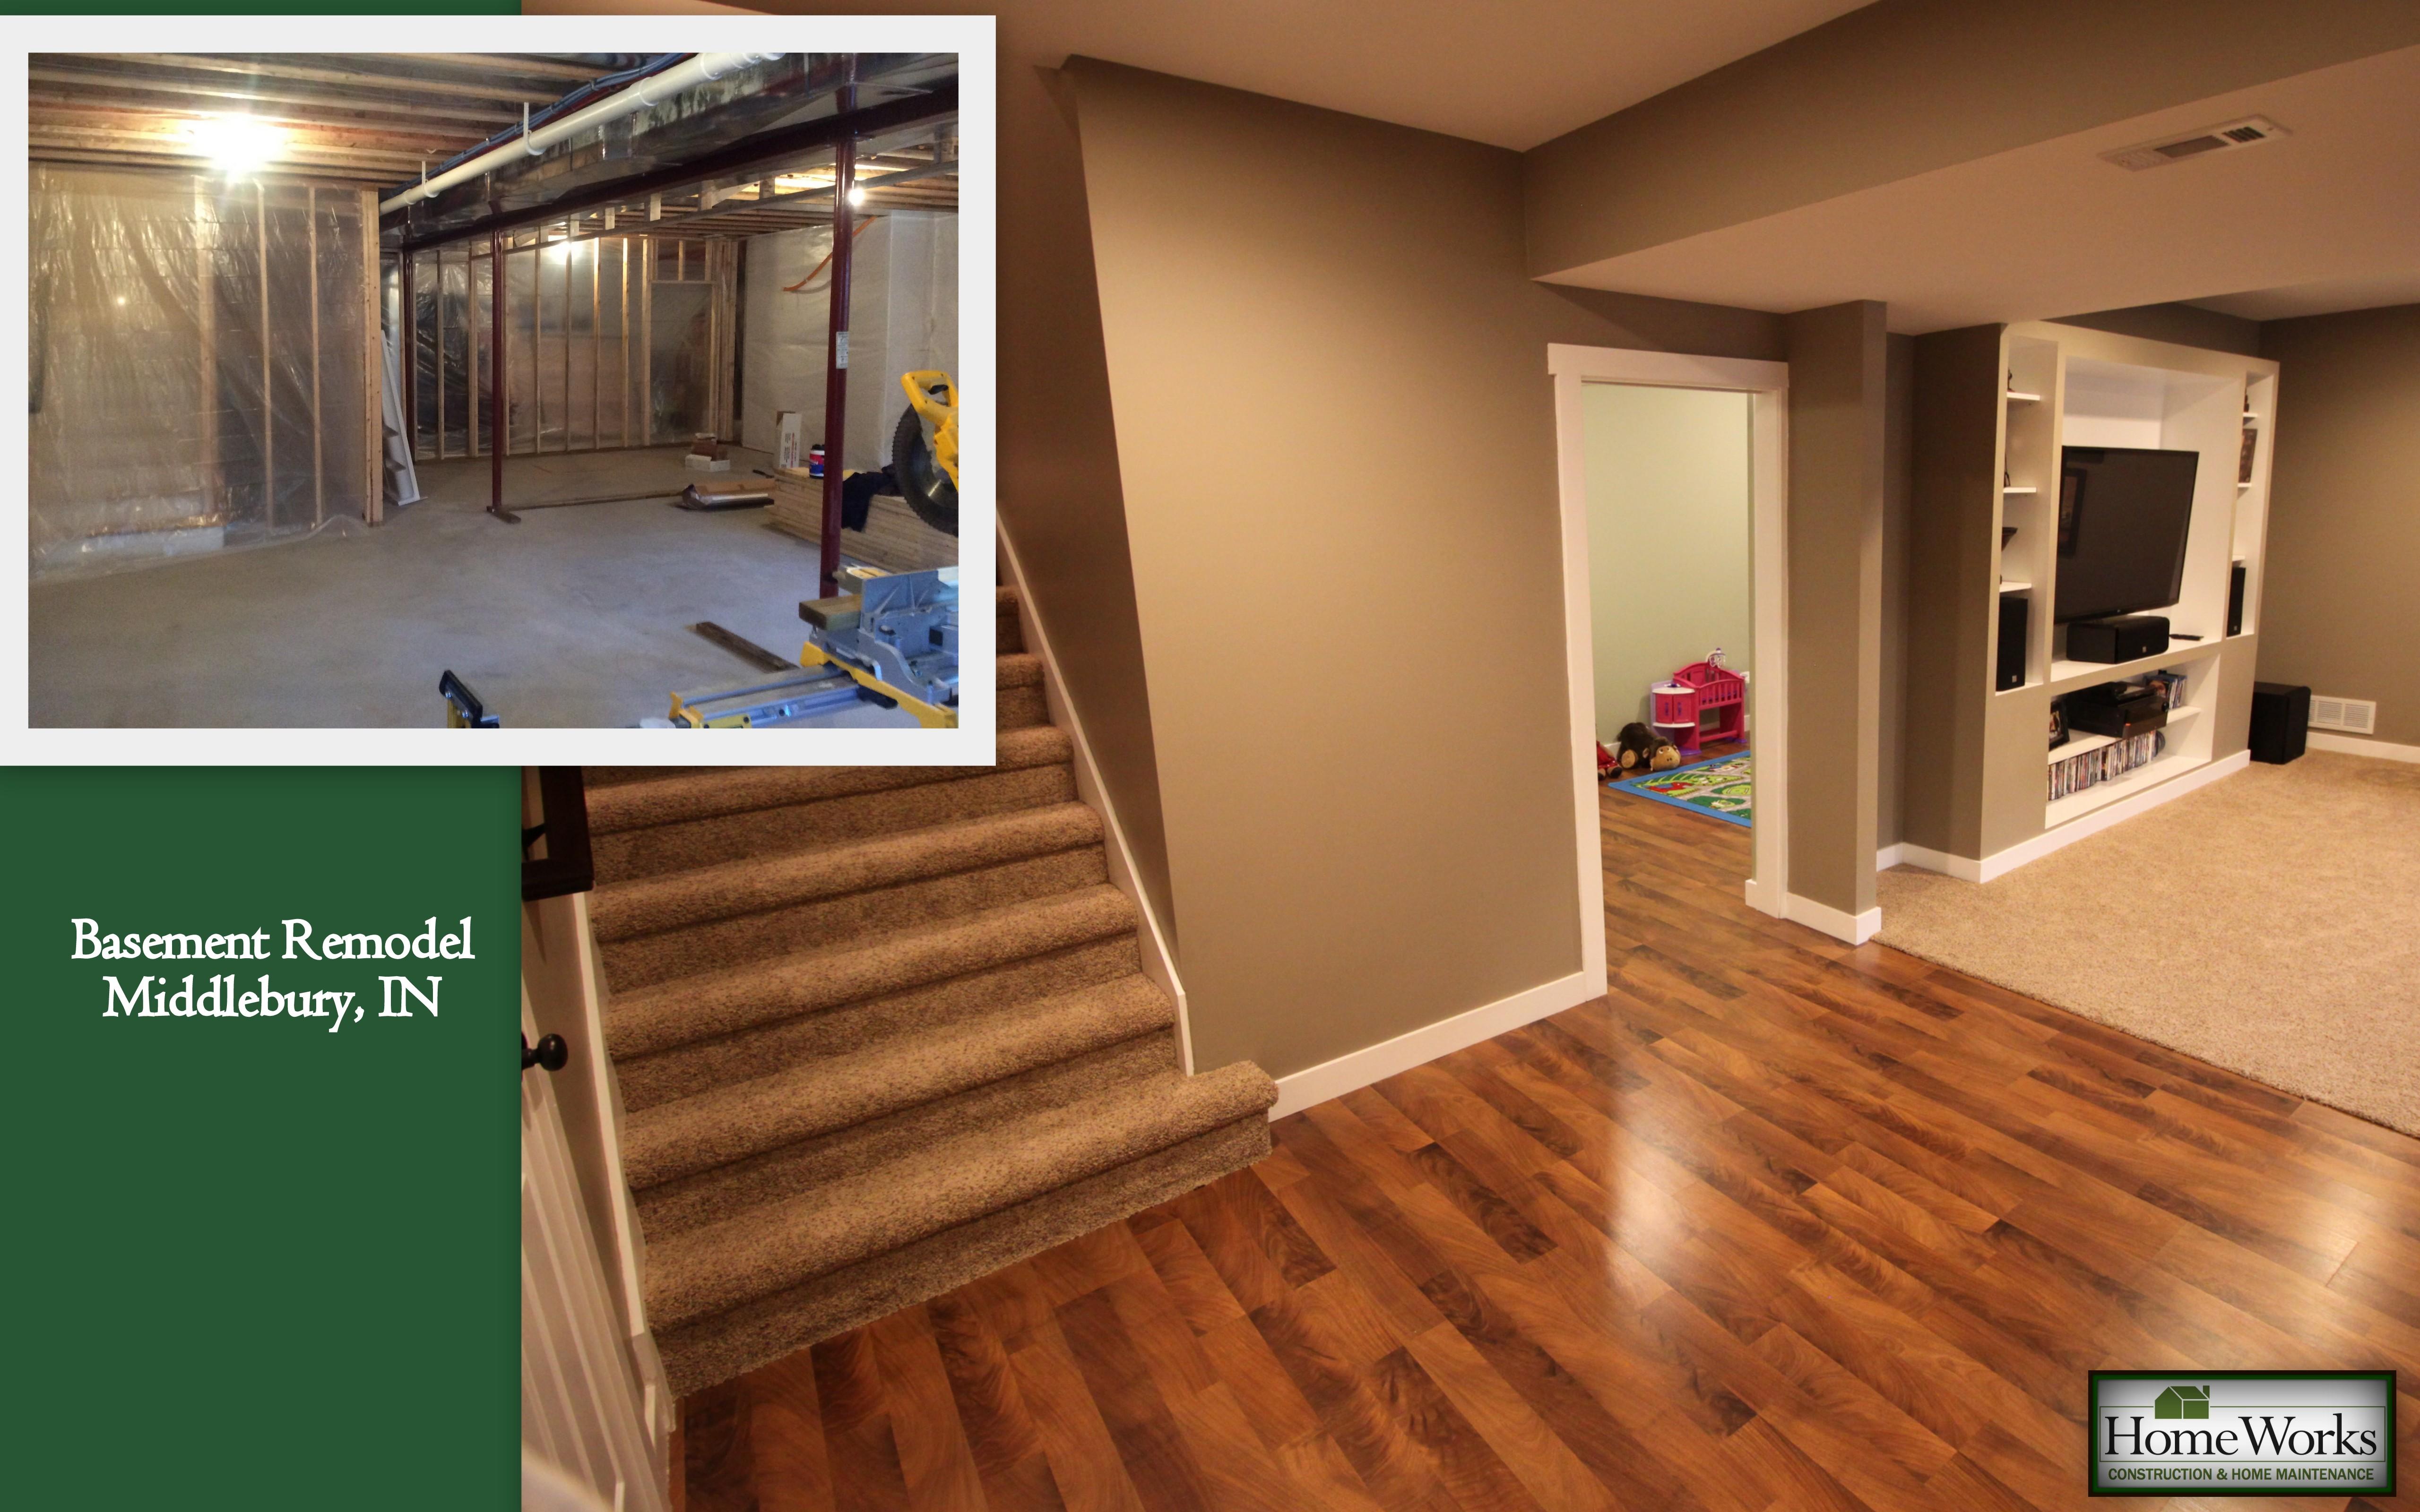 HomeWorks Basement Remodel